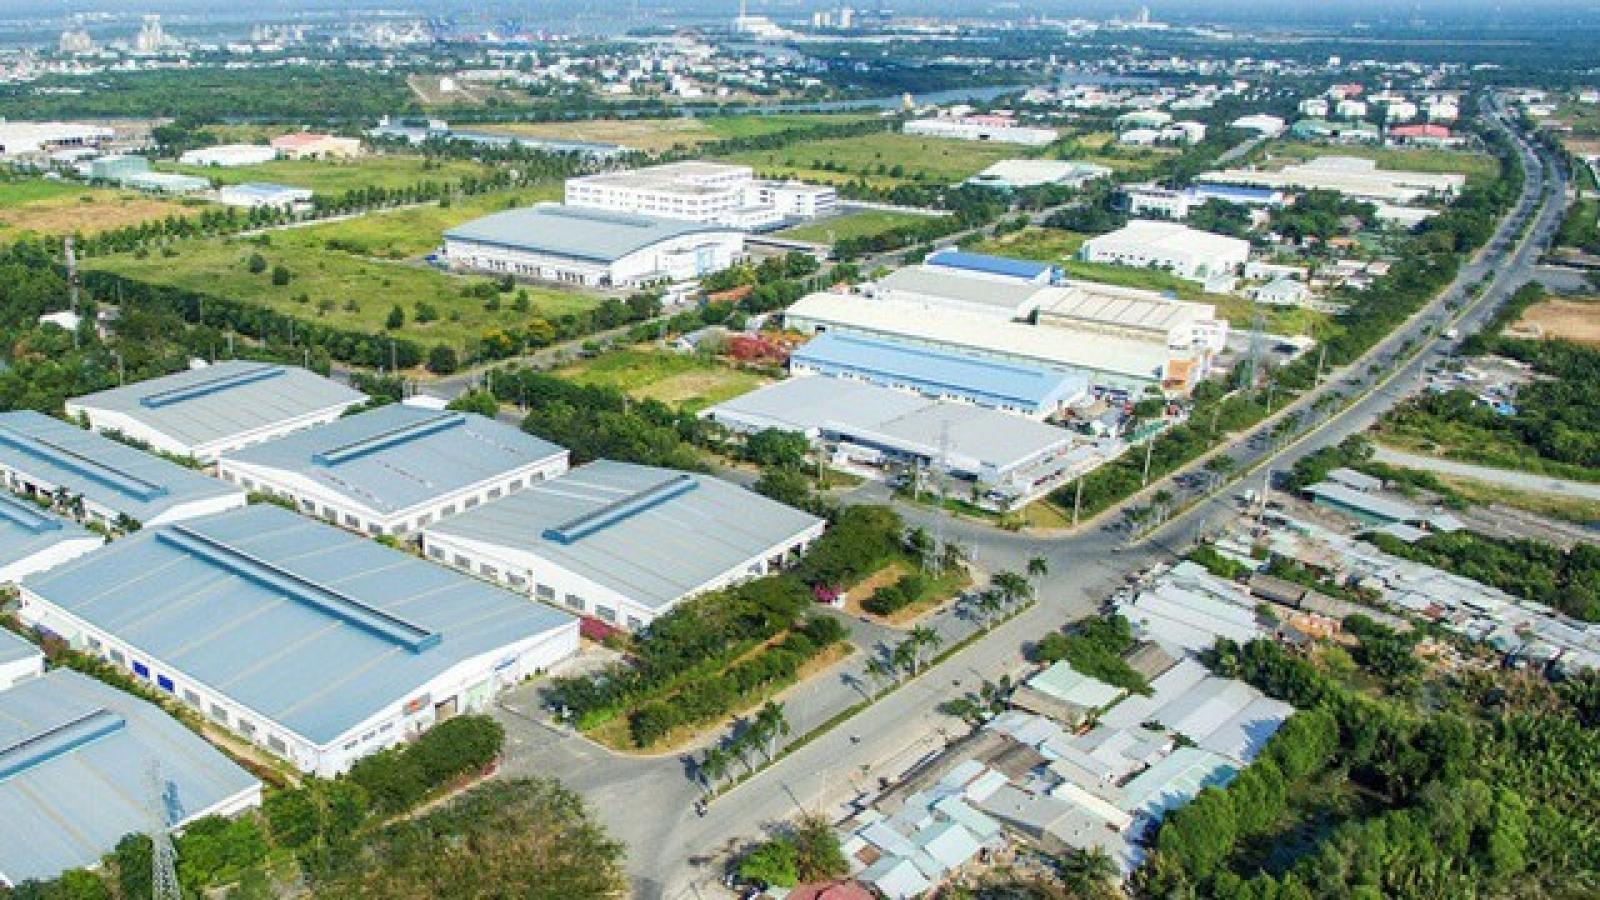 Sau dịch Covid-19, bất động sản công nghiệp sẽ là điểm sáng?